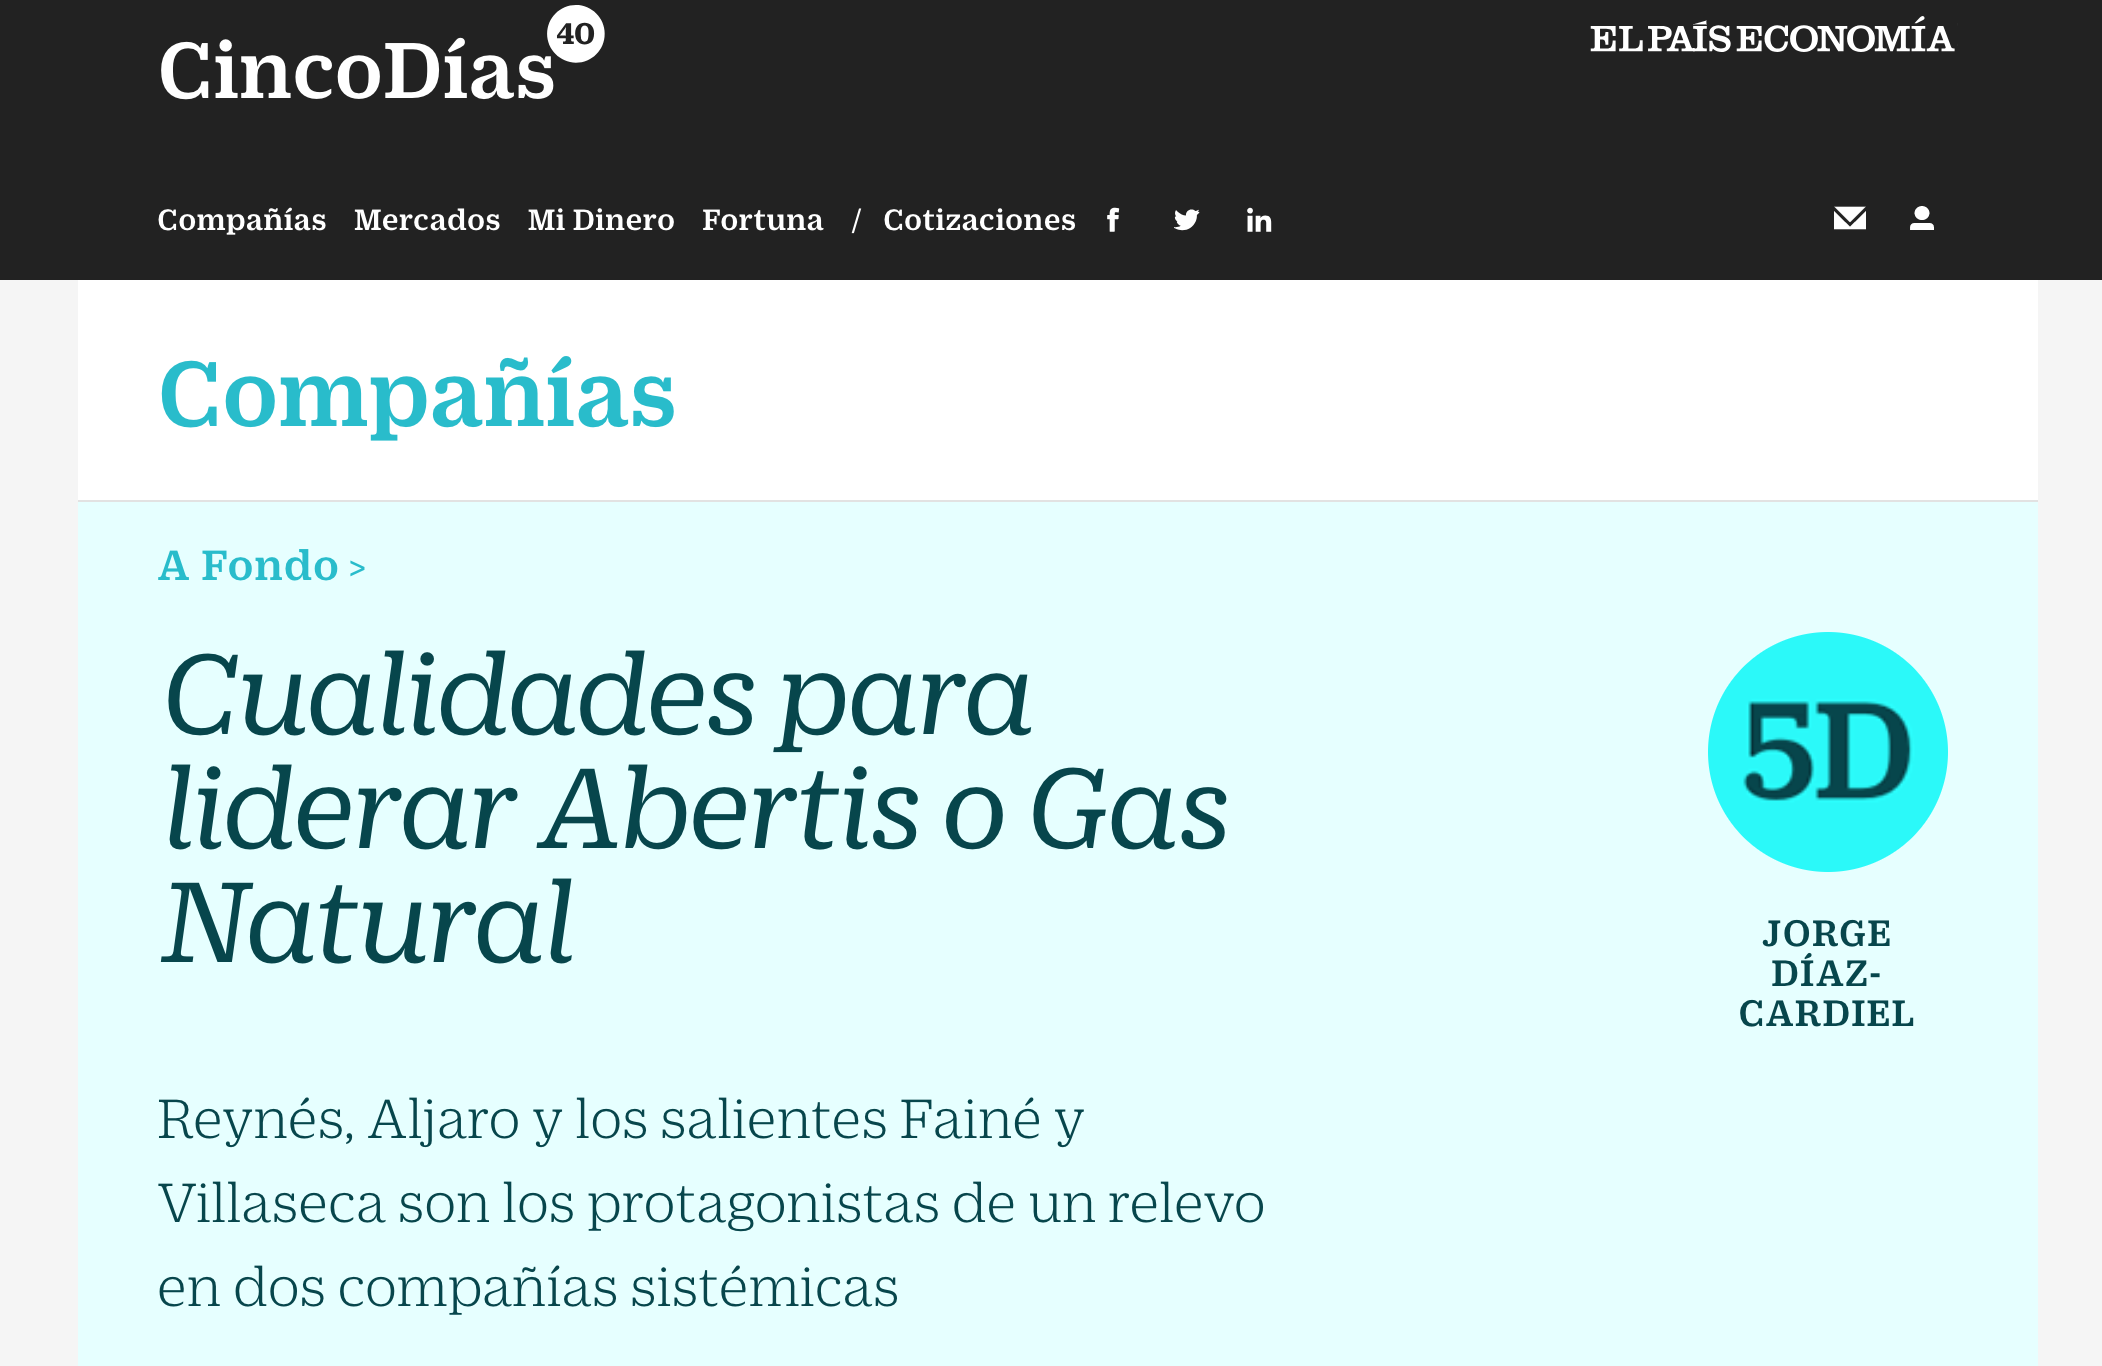 Artículo de Jorge Díaz-Cardiel en Cinco Dias - El País Economía